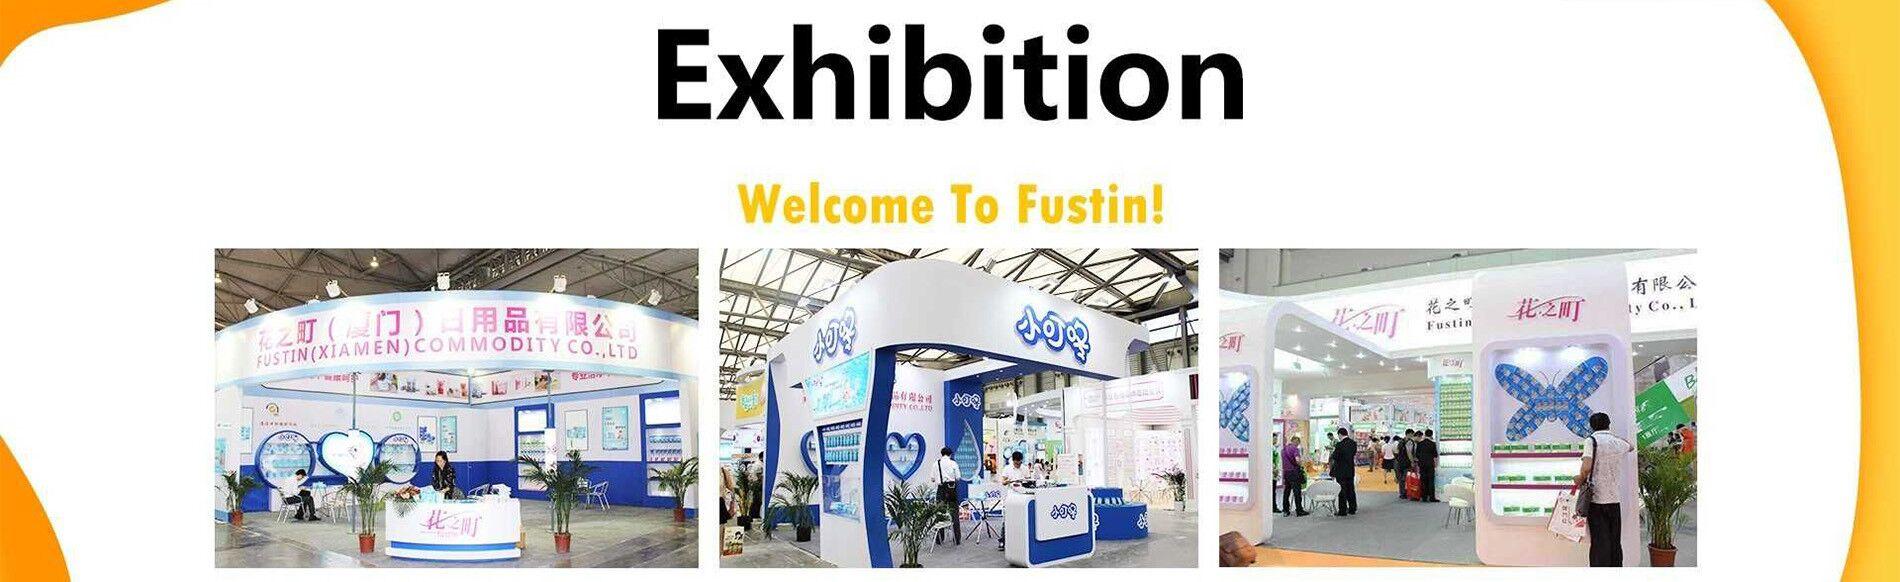 Fustin(Xiamen)Commodity Co.,ltd